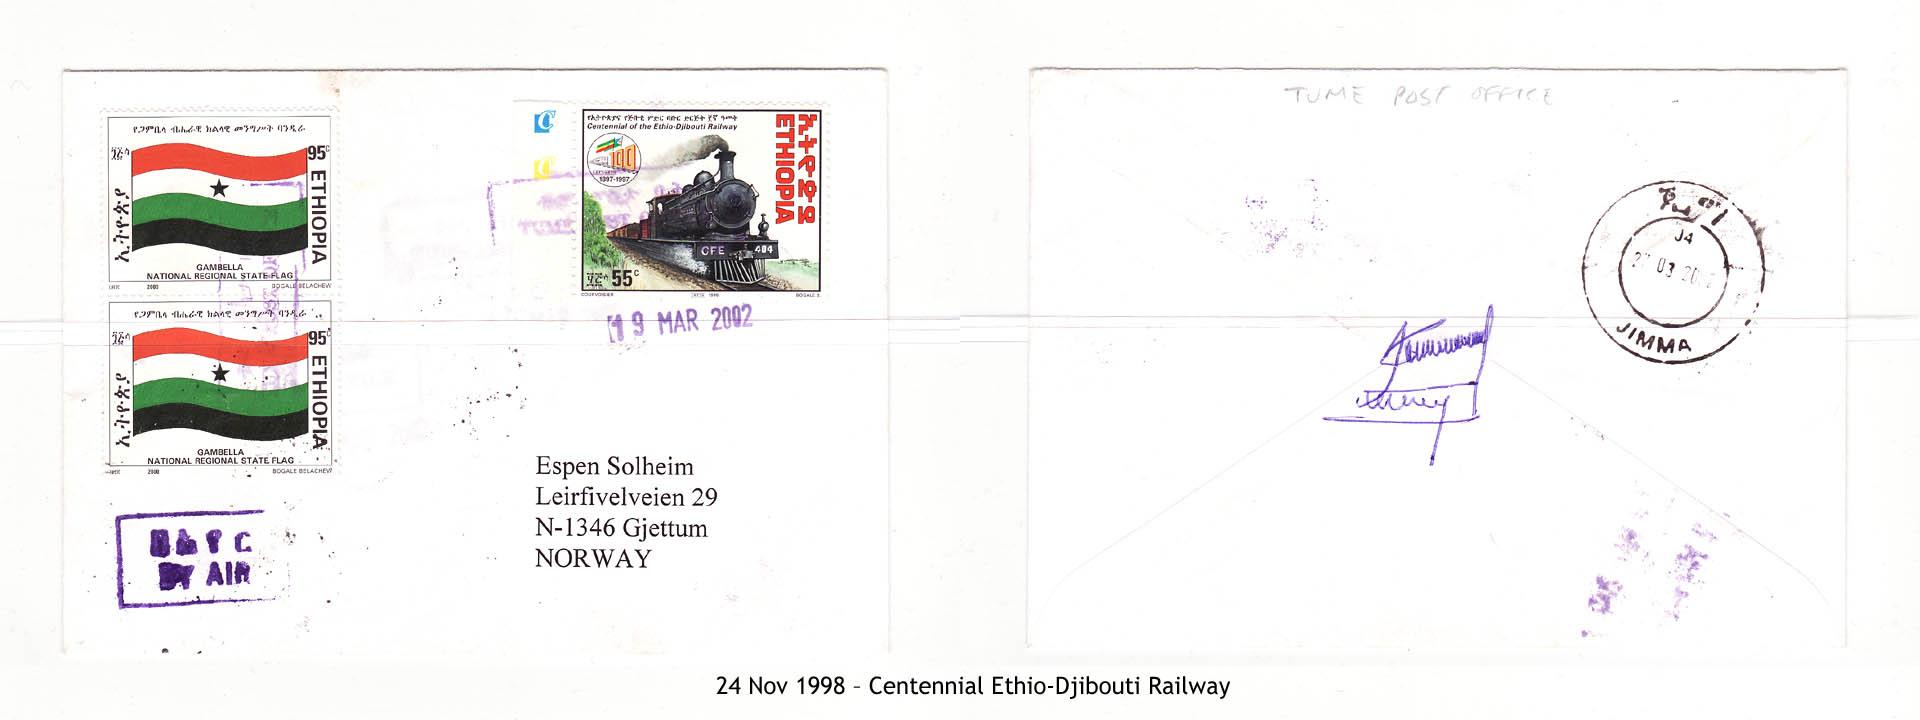 19981124 – Centennial Ethio-Djibouti Railway